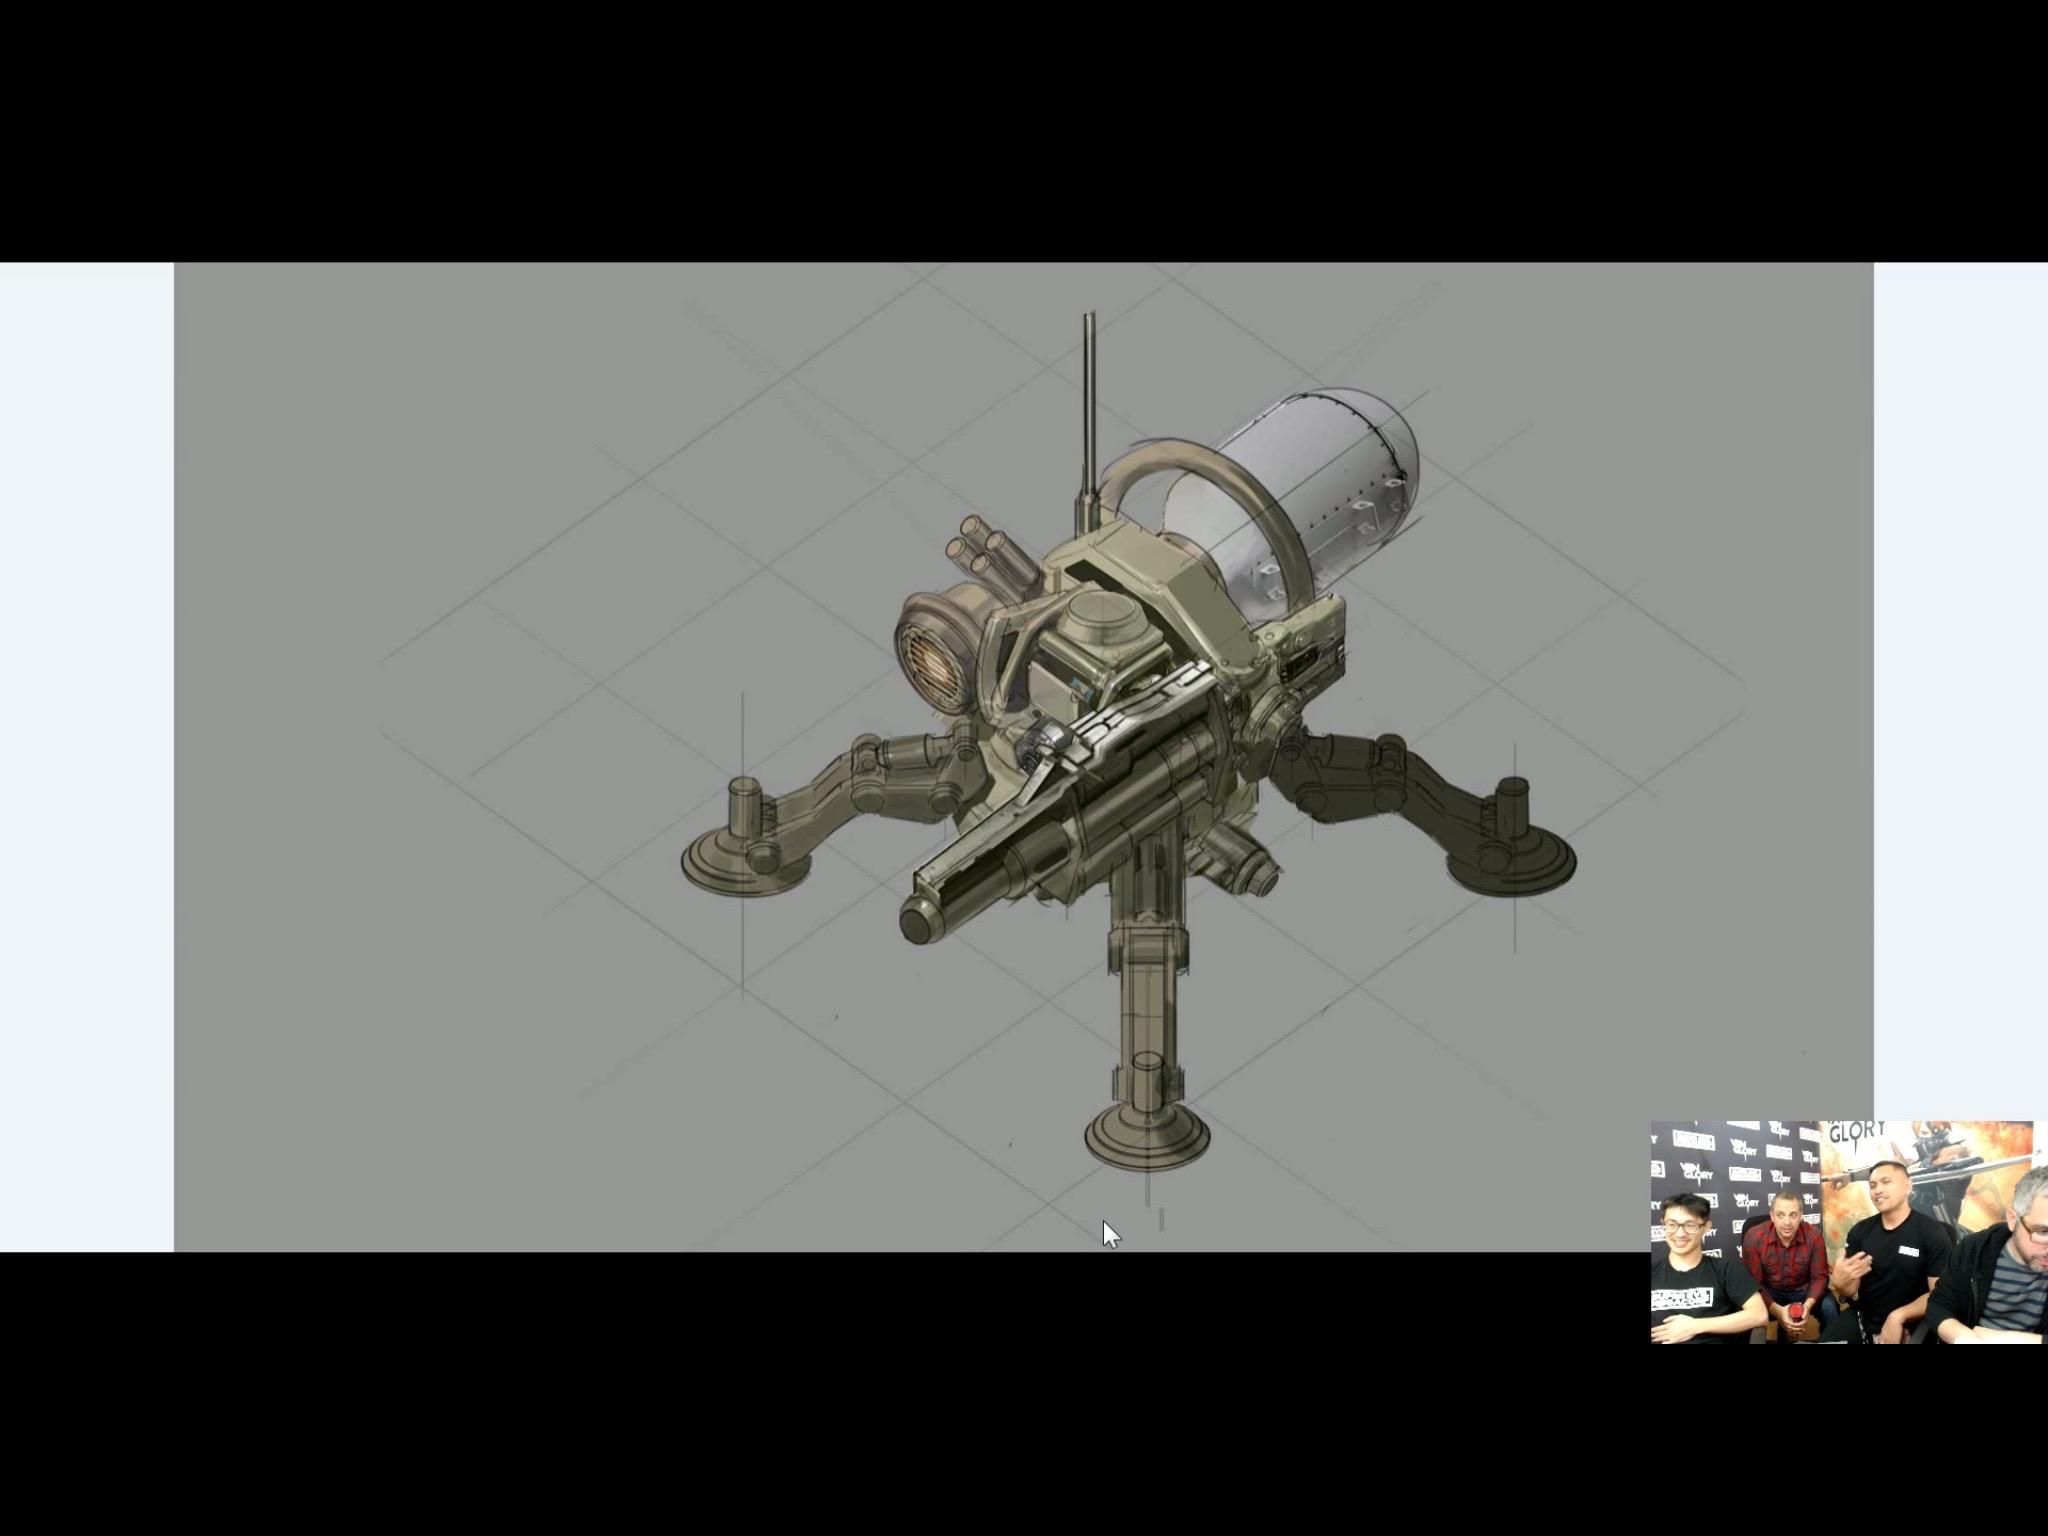 Turret Concept Art